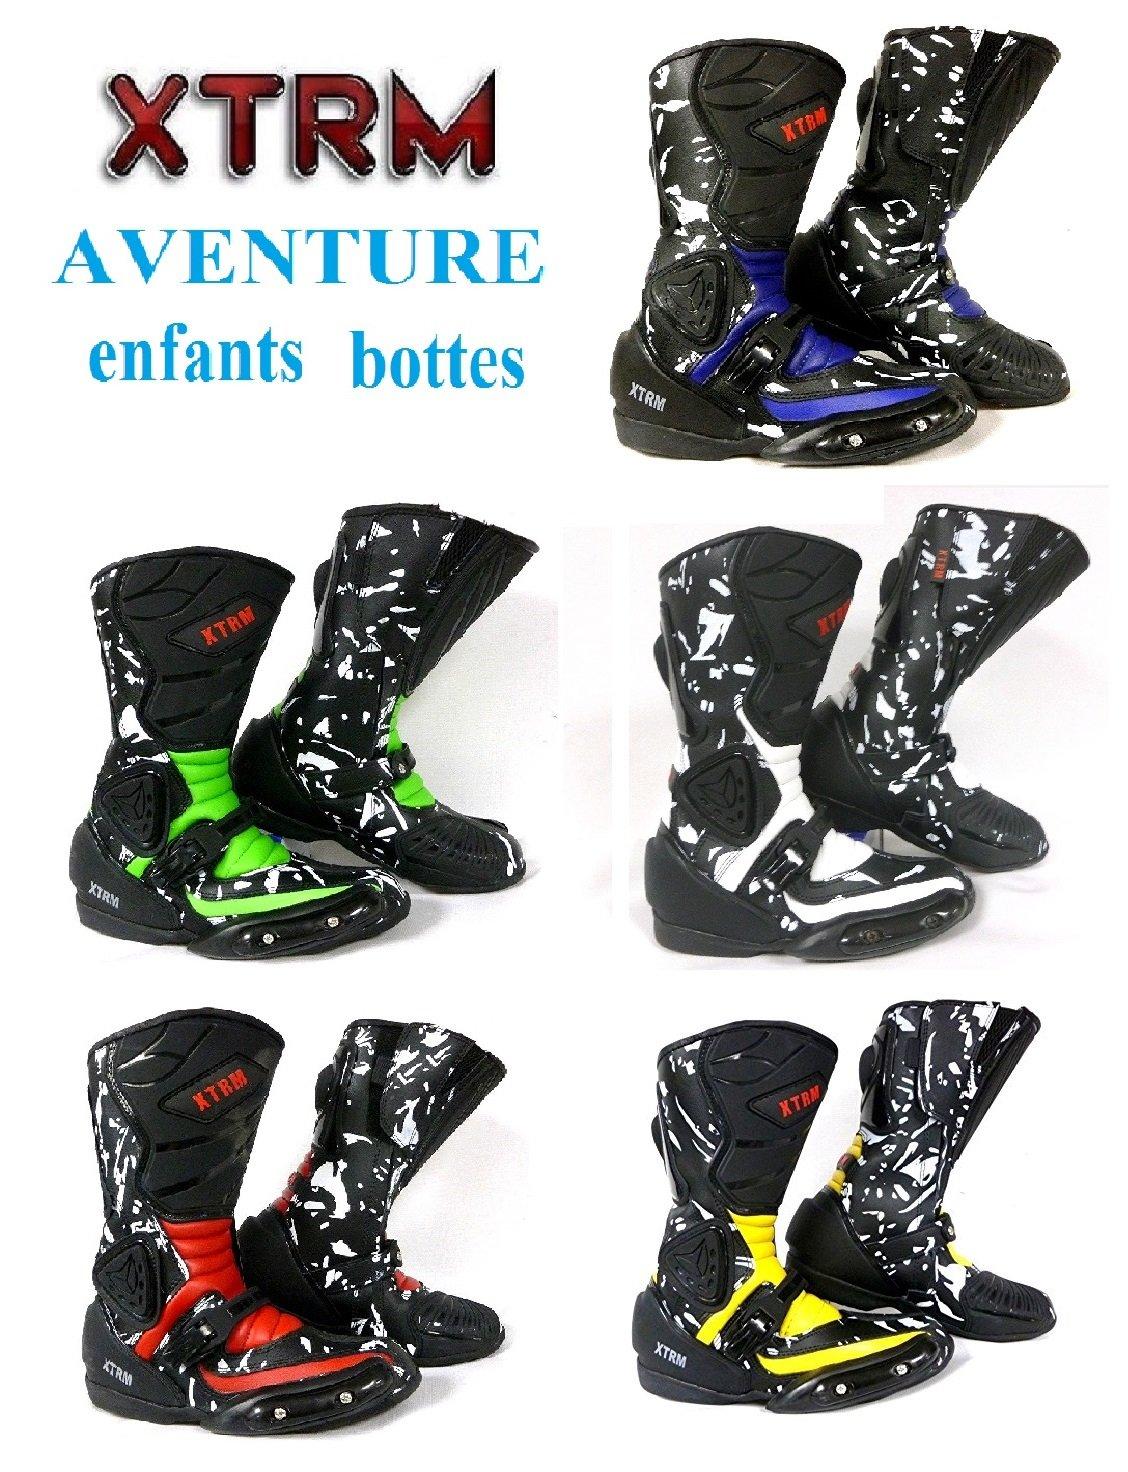 moto enfants bottes XTRM AVENTURE bottes d'enfants moto sur la route armure quad chaussures de tourisme sportif (EU 39 (UK 5), noir / vert) MOTOHART